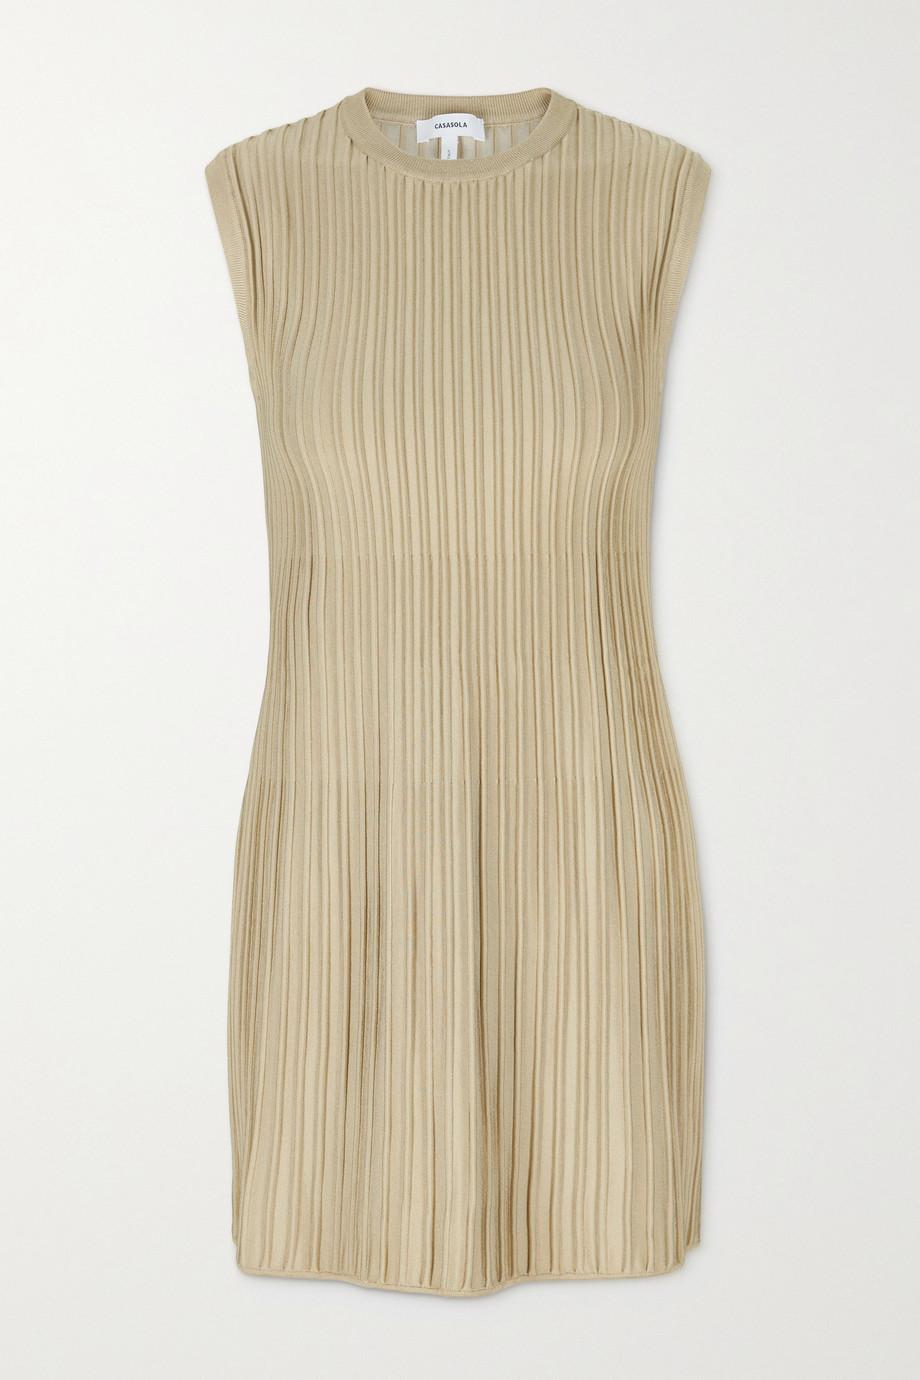 CASASOLA + NET SUSTAIN Marina ribbed stretch-knit mini dress